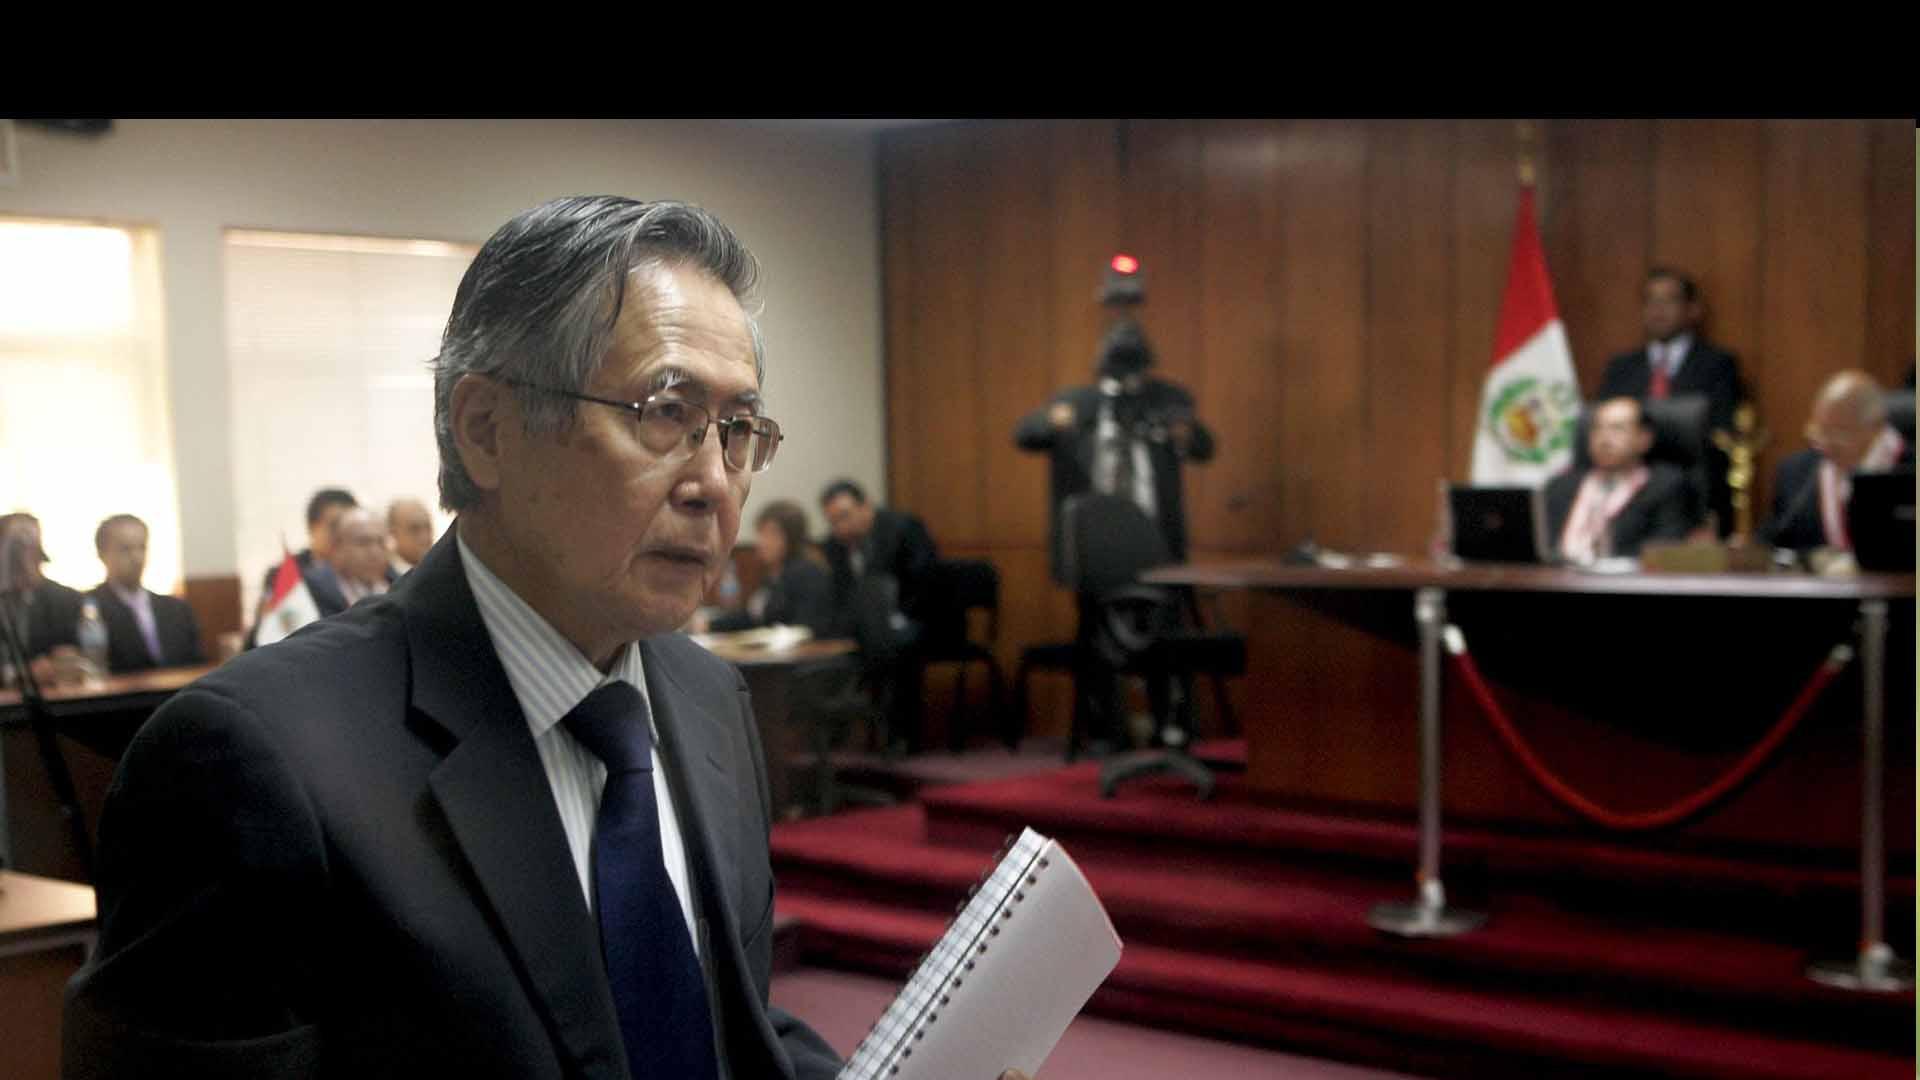 El ex presidente, que solicitó la anulación de la pena, paga 25 años de cárcel por 25 asesinatos